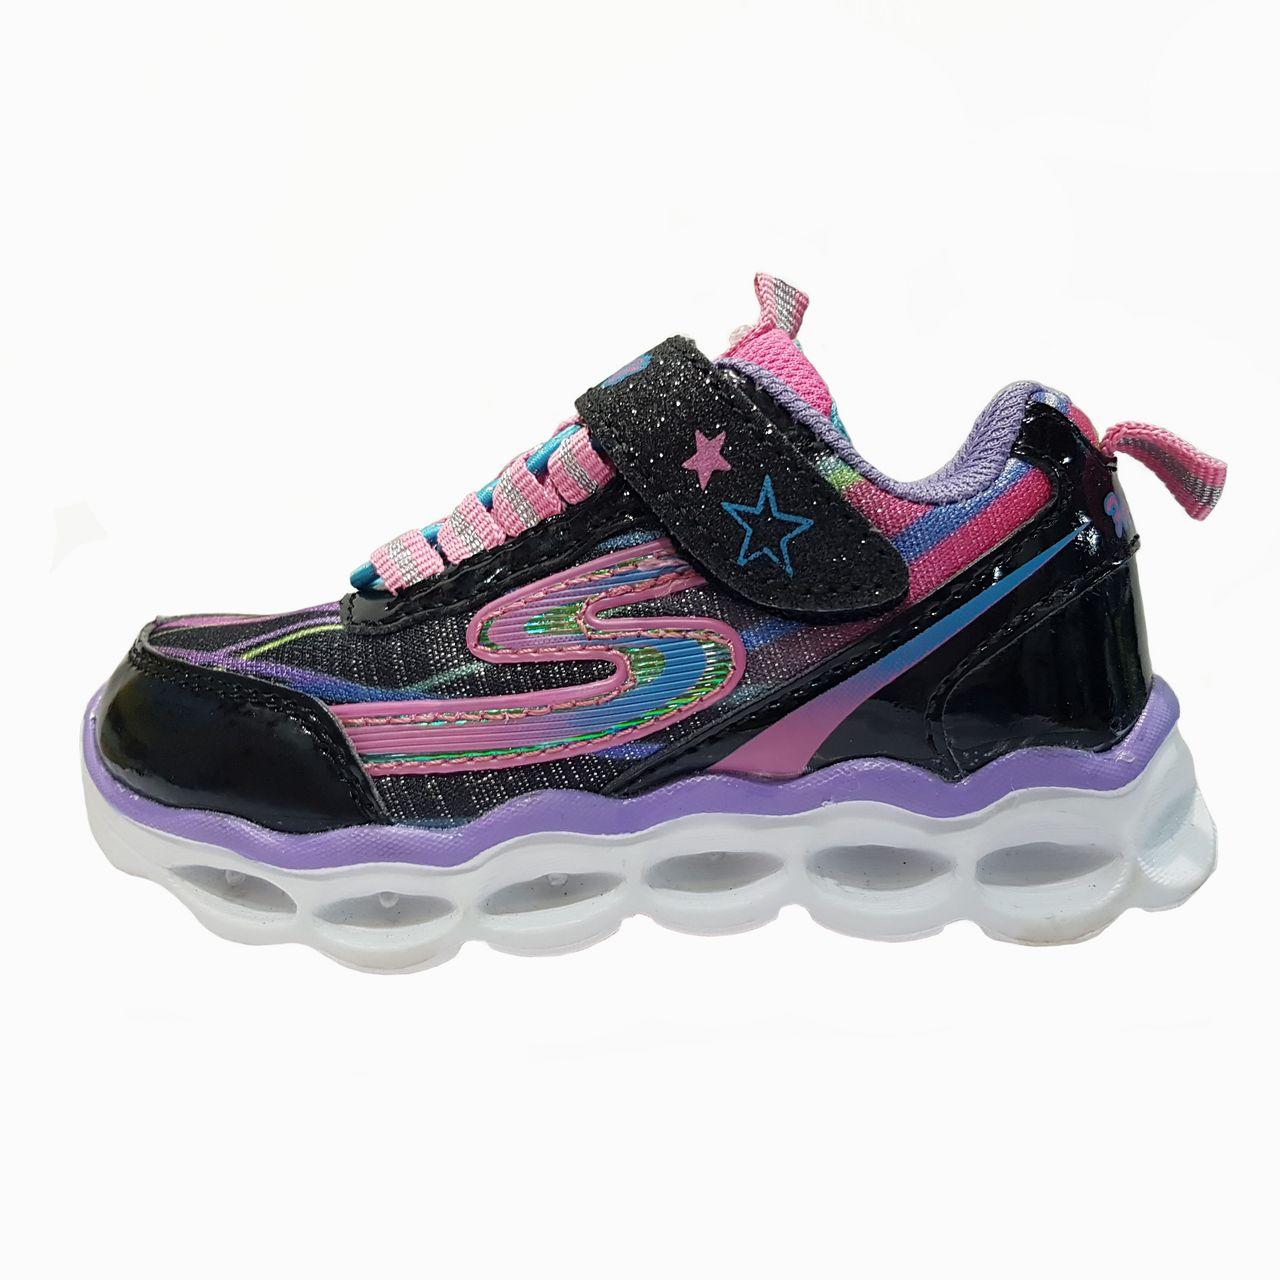 کفش مخصوص دویدن مدل 768 کد 4503460